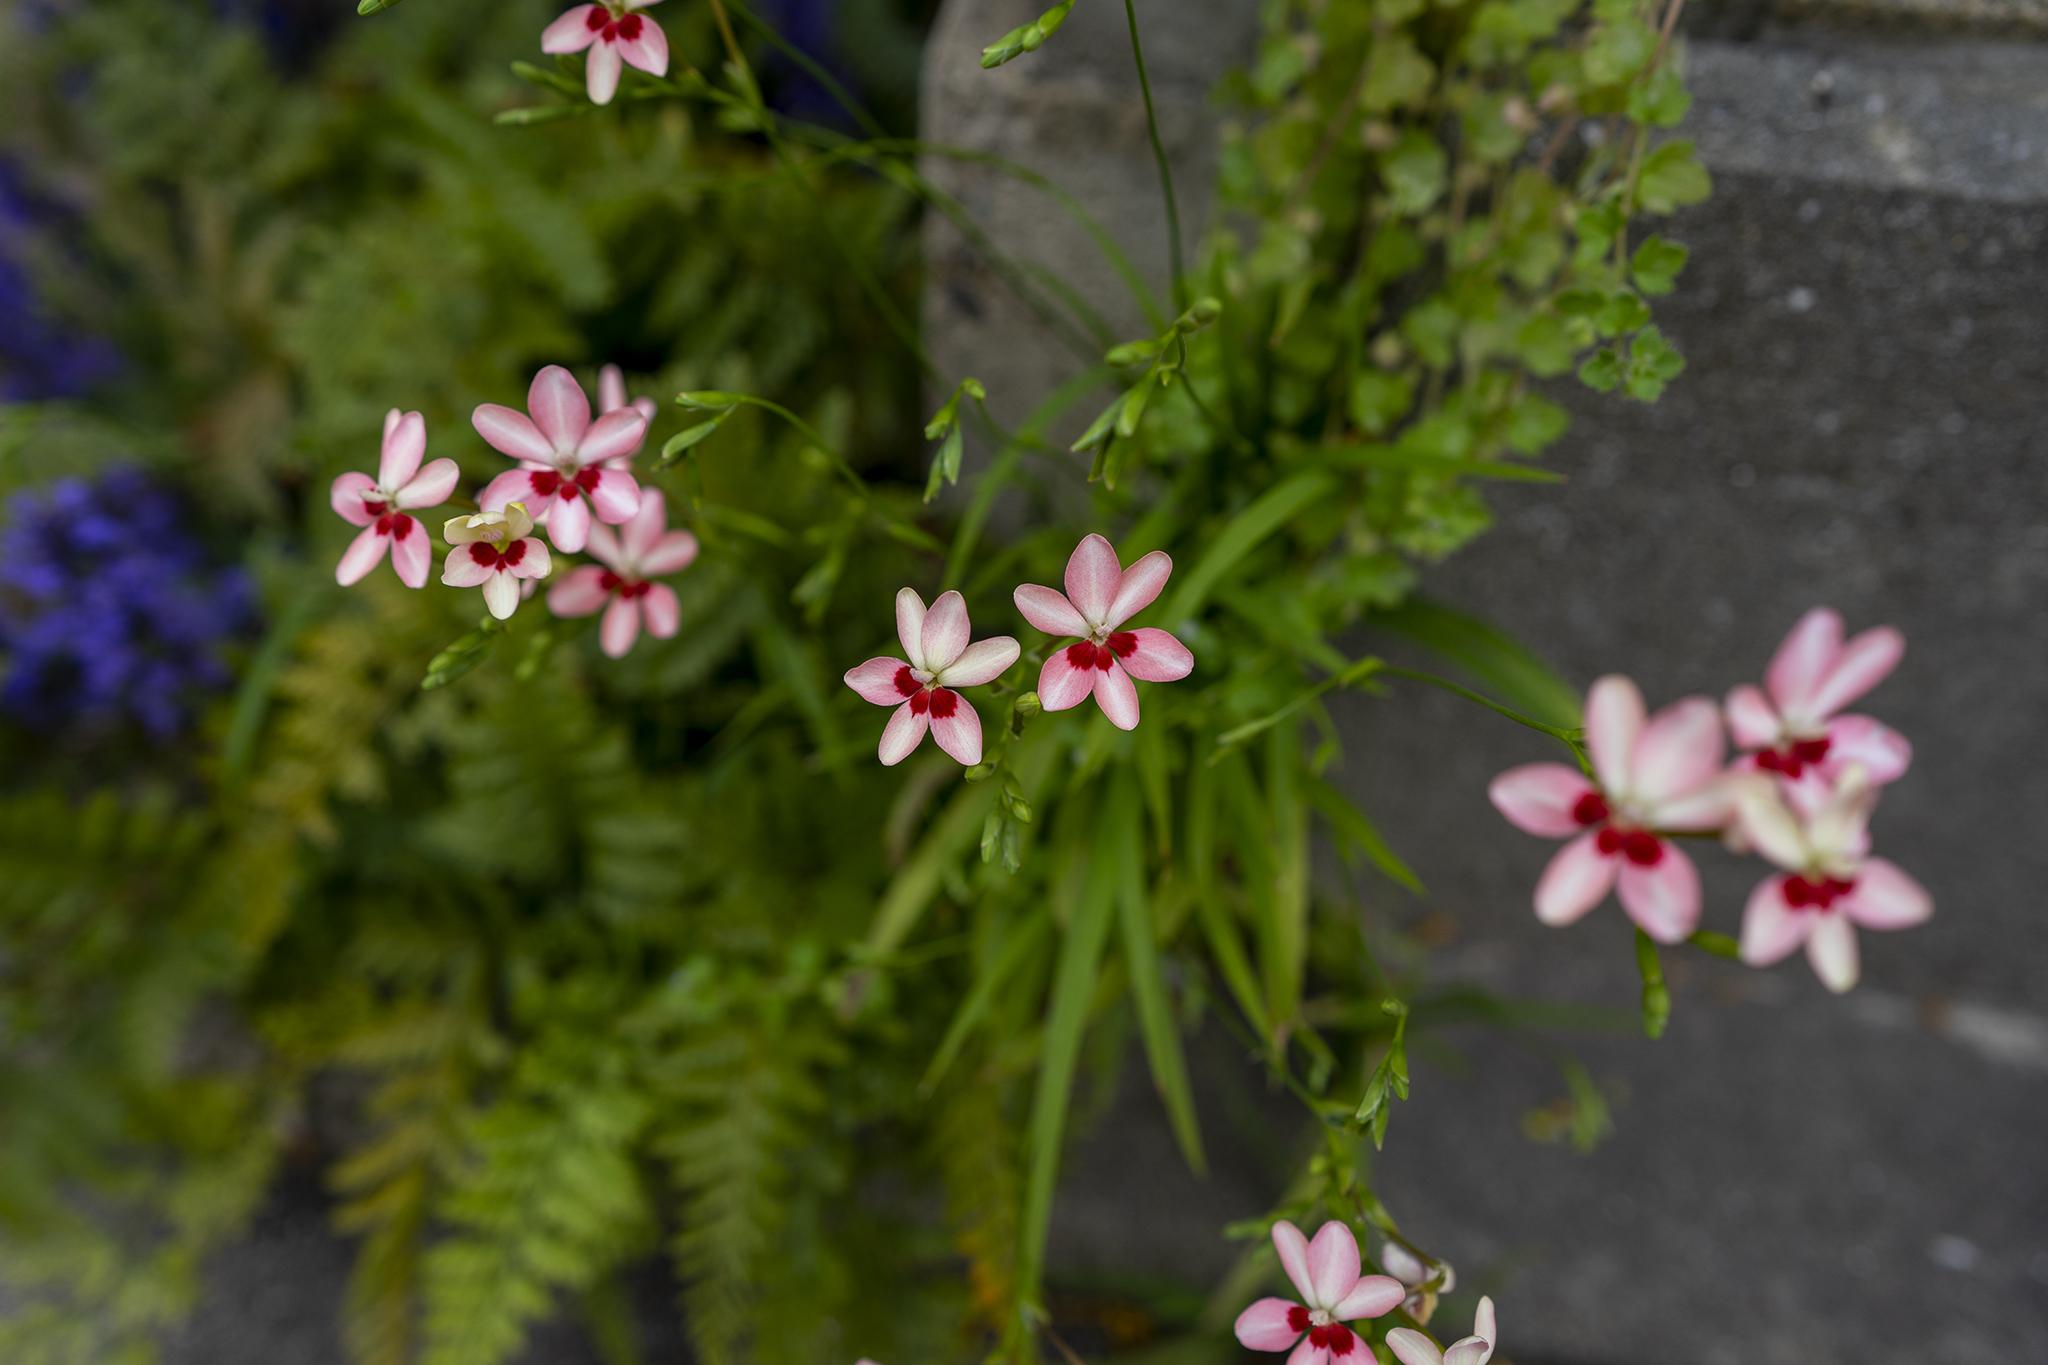 ヒメヒオウギの花言葉と誕生花